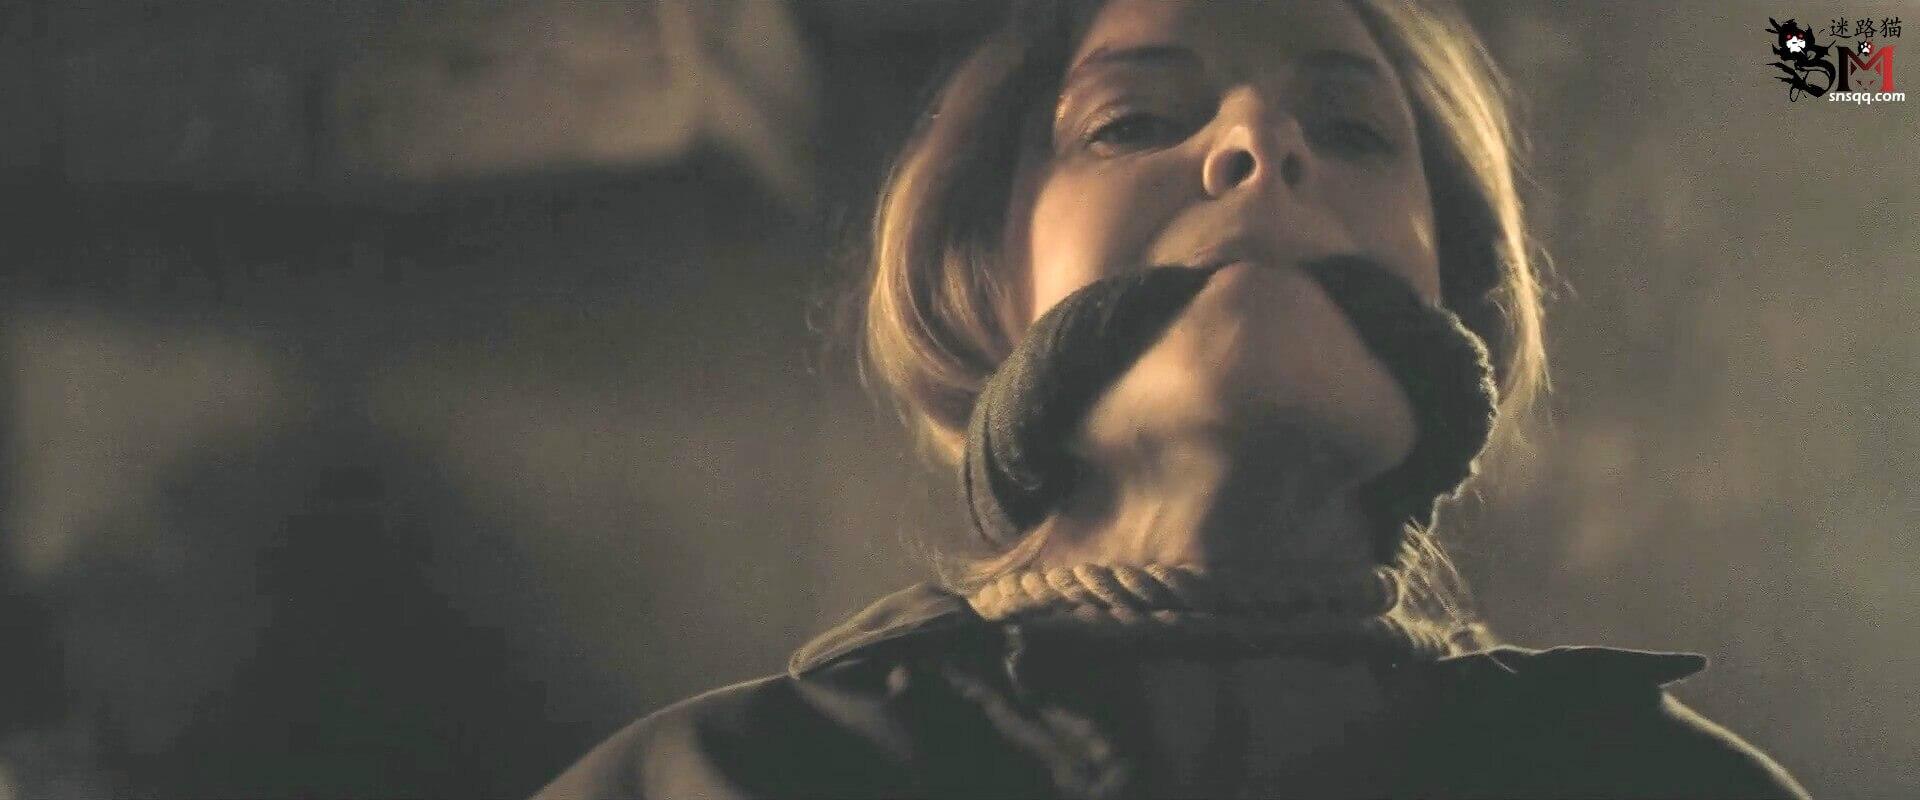 《碟中谍6:全面瓦解》看电影里的人受苦就是观众的享受,这是什么情结?